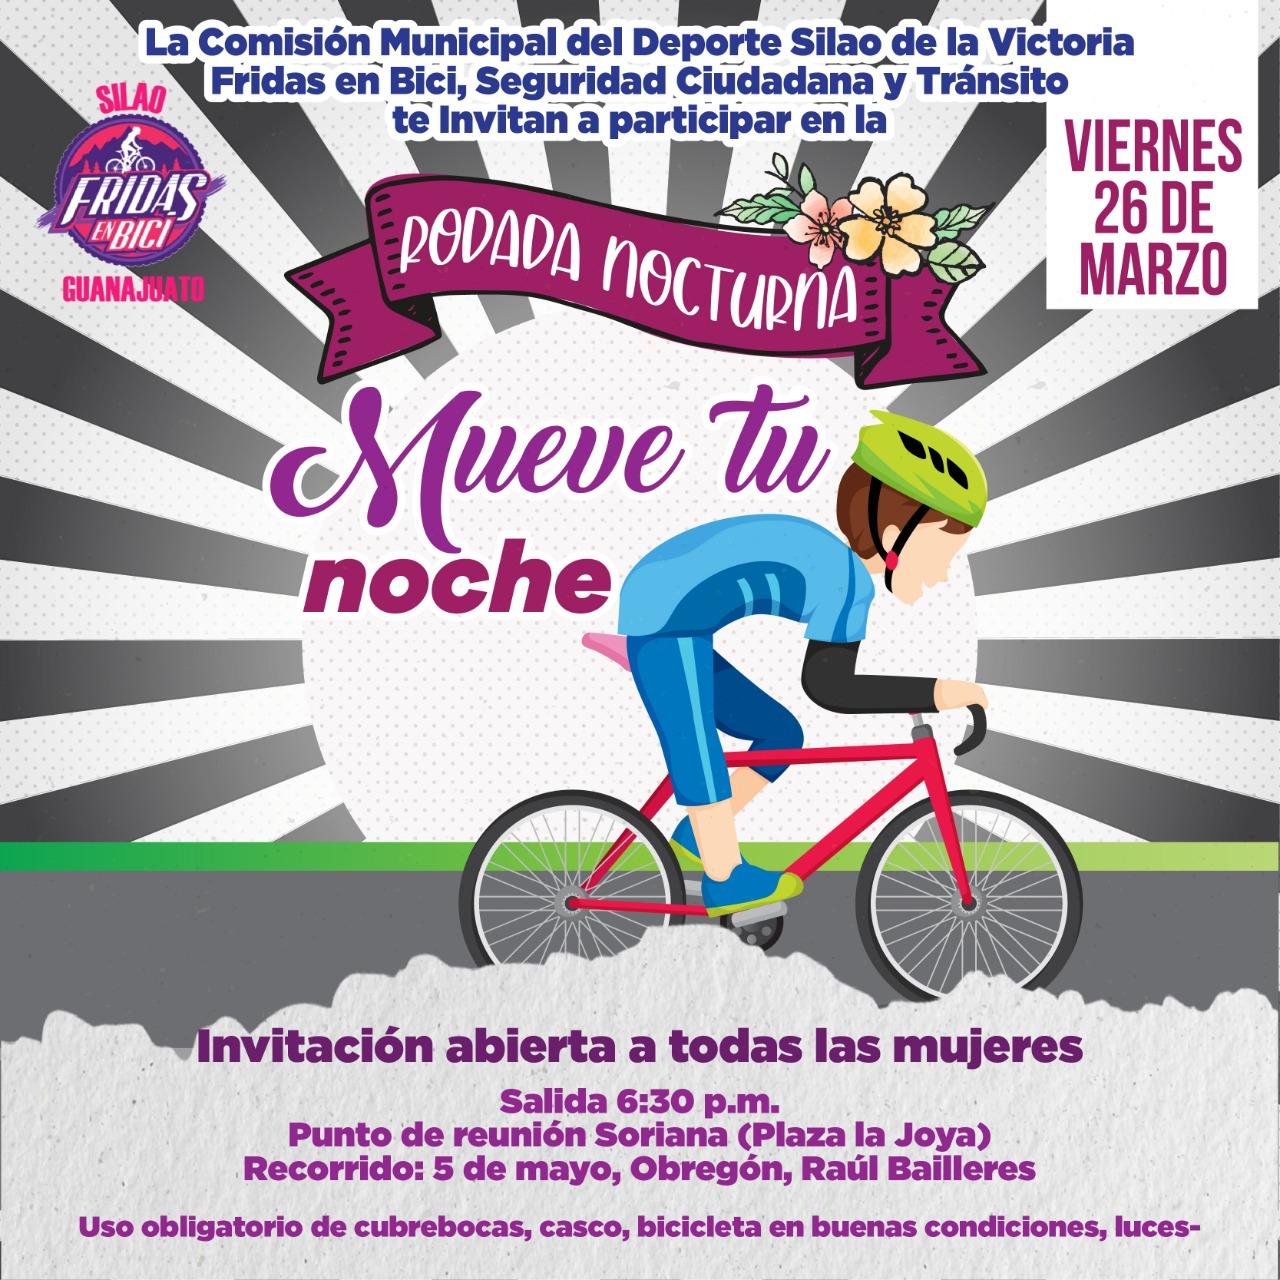 Invitan a mujeres a participar en rodadas nocturnas este 26 de marzo